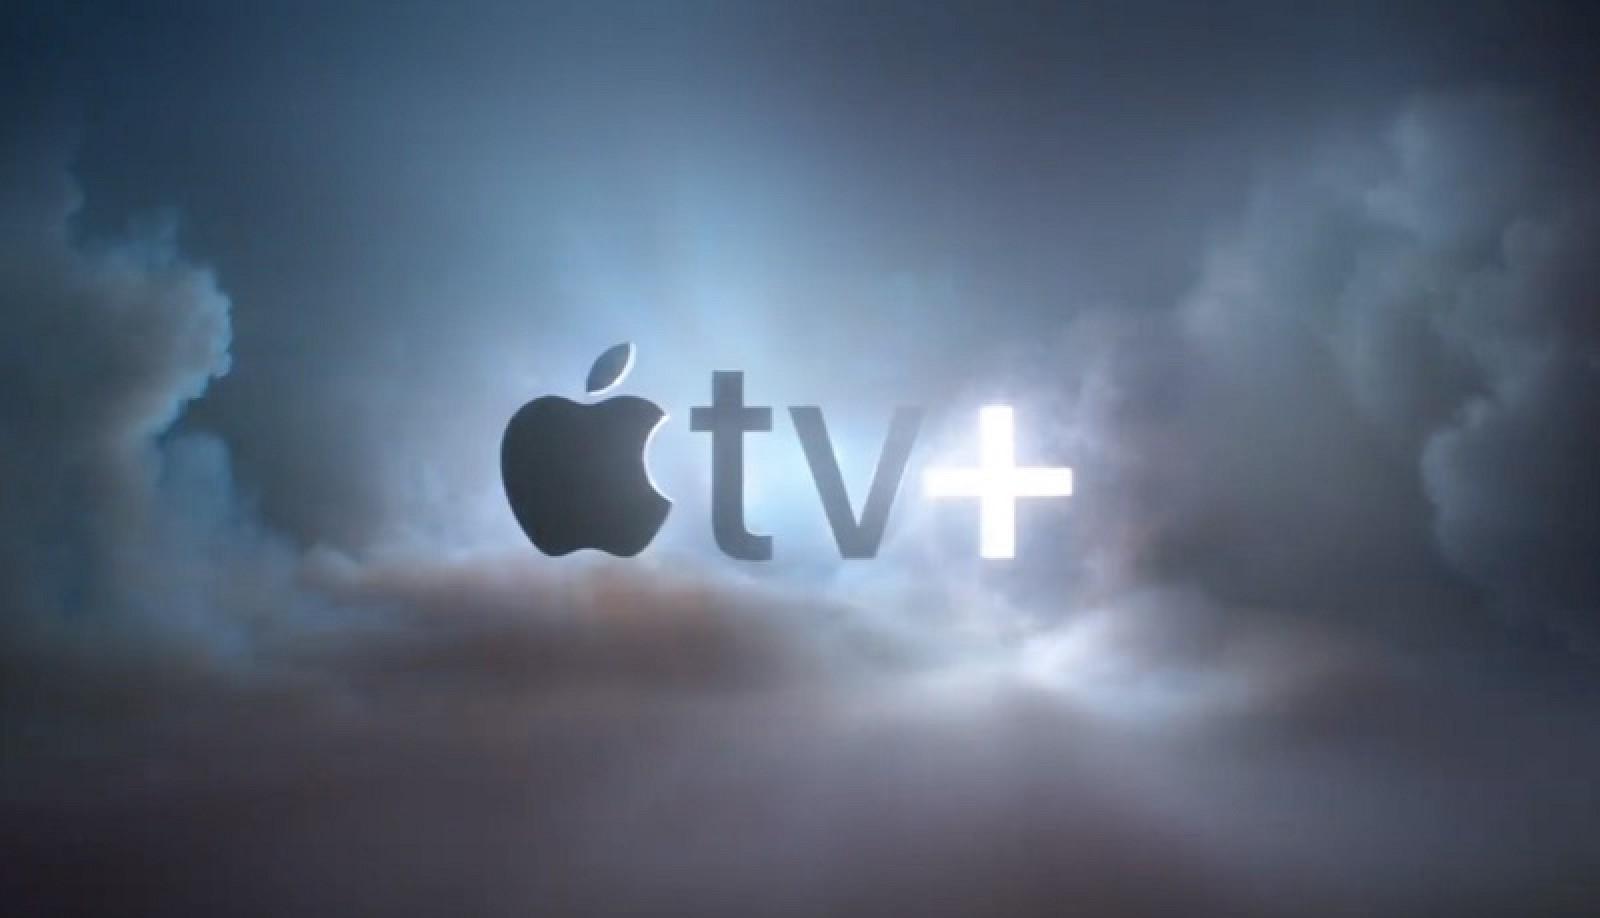 Apple ofrece un año gratis de Apple TV + con la compra de iPhone, iPad, Apple TV, iPod Touch o Mac